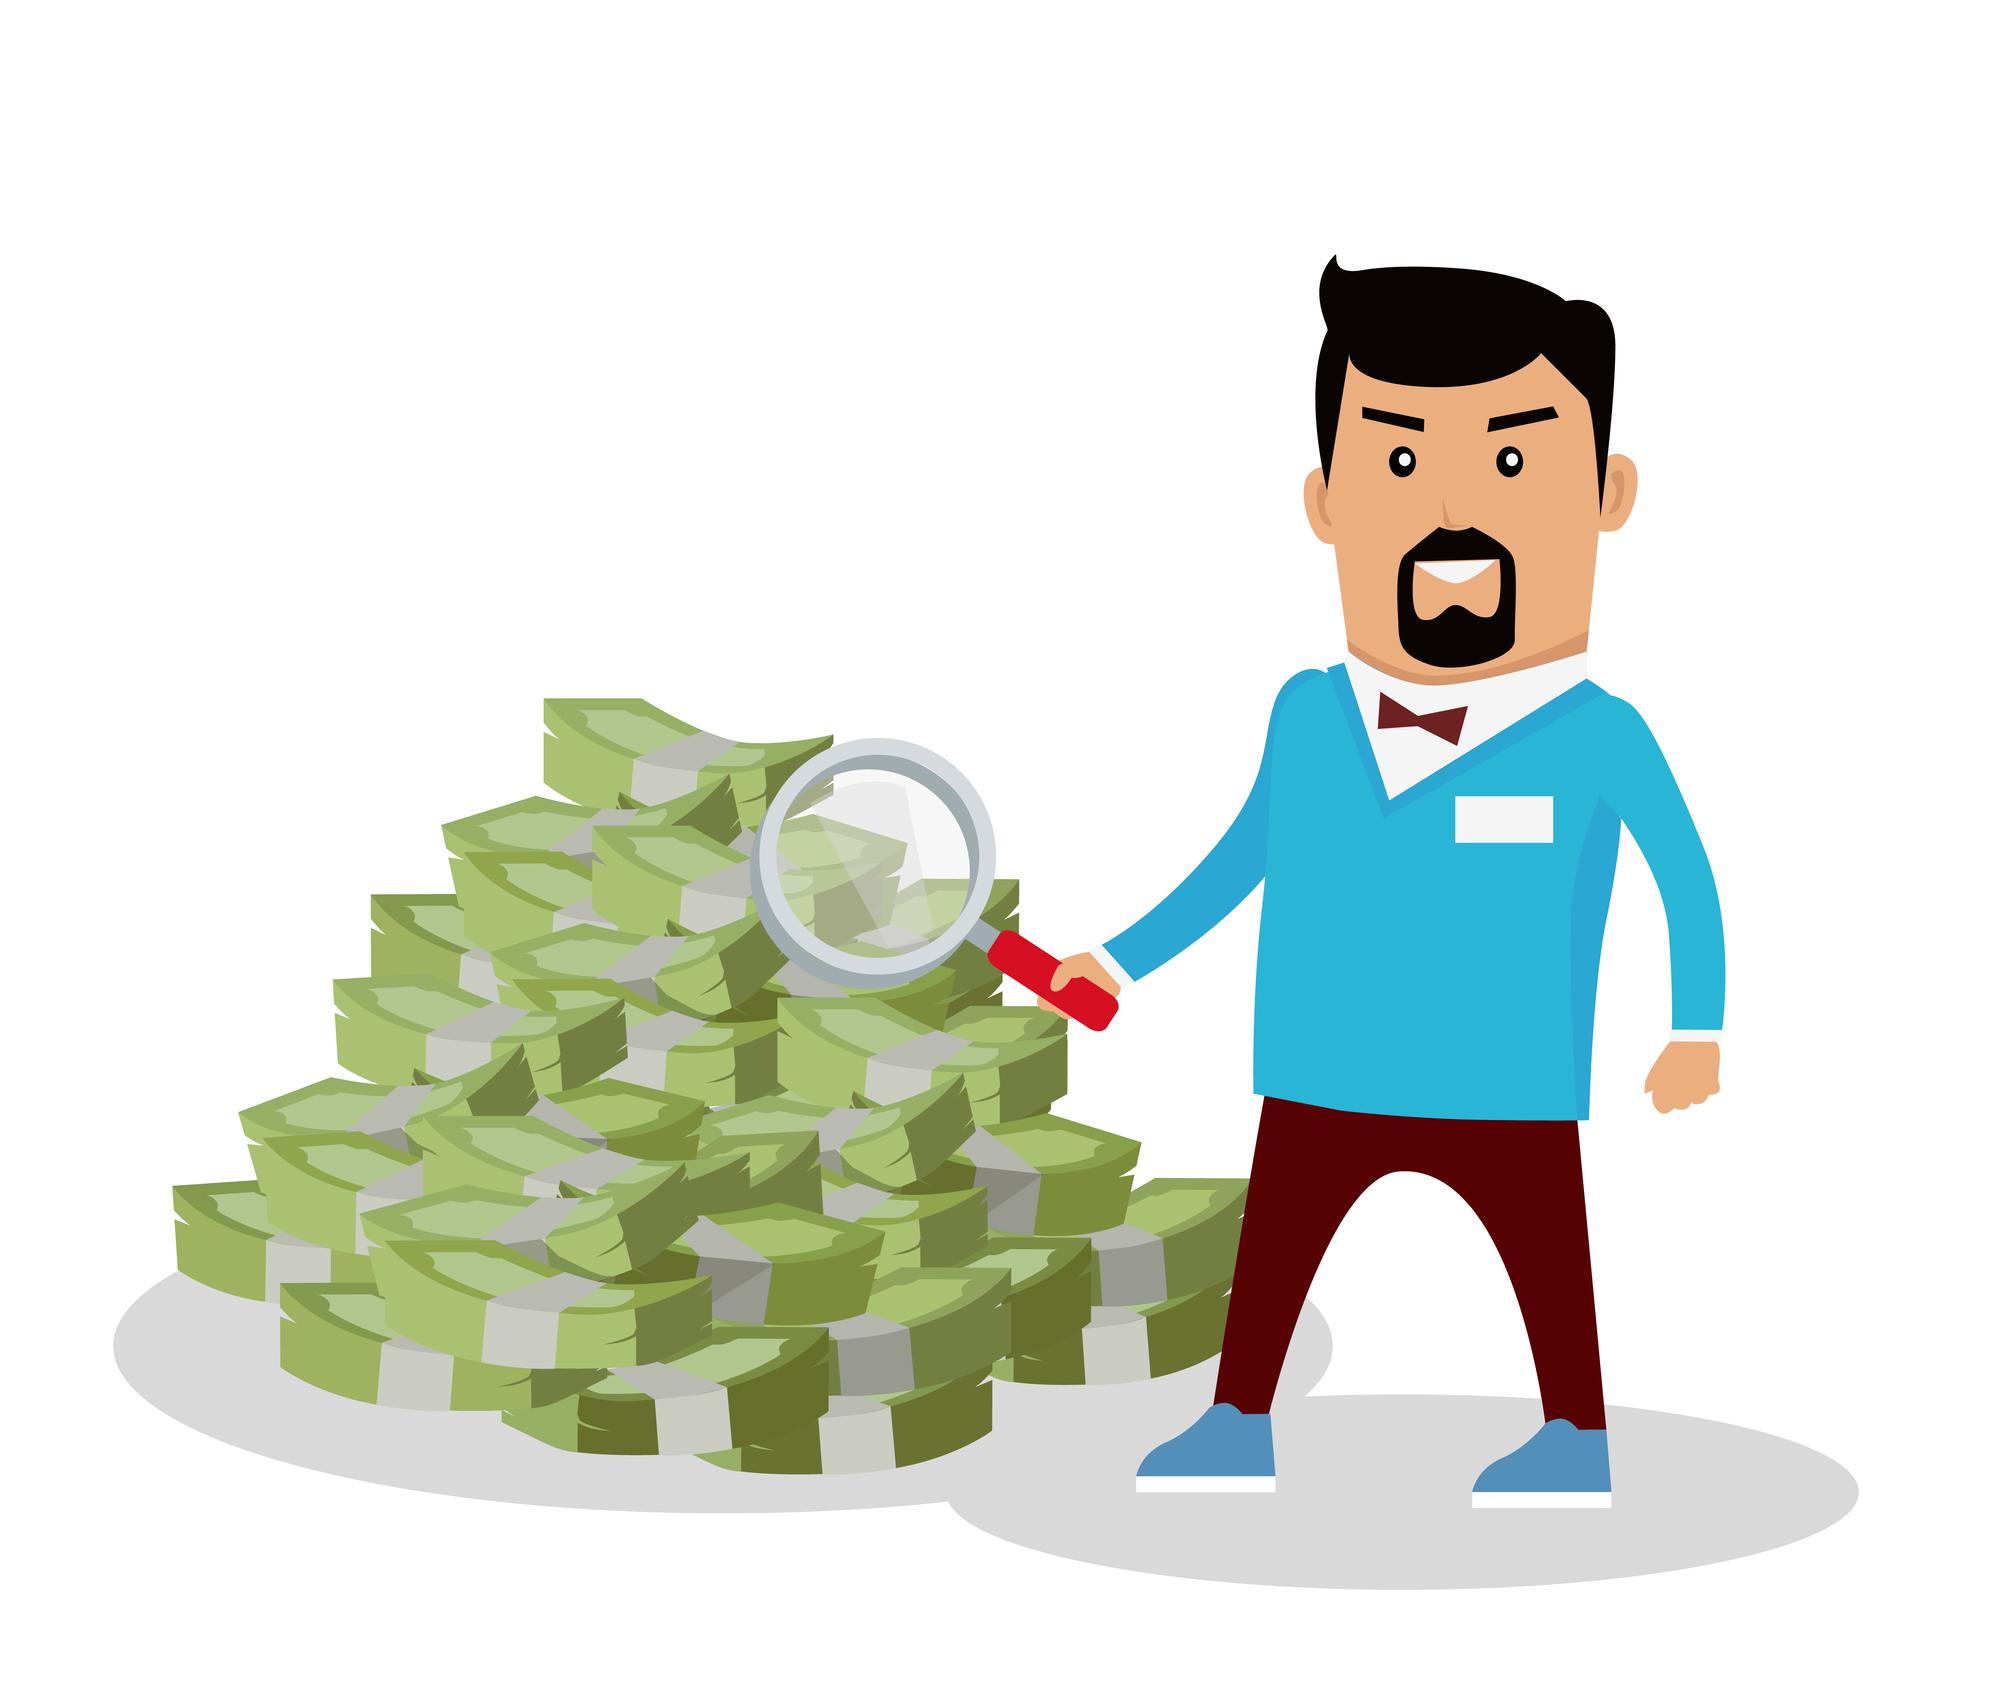 Налоговая хочет проверить ваш ФЛП-счет. Может ли ваш банк открыть к нему доступ